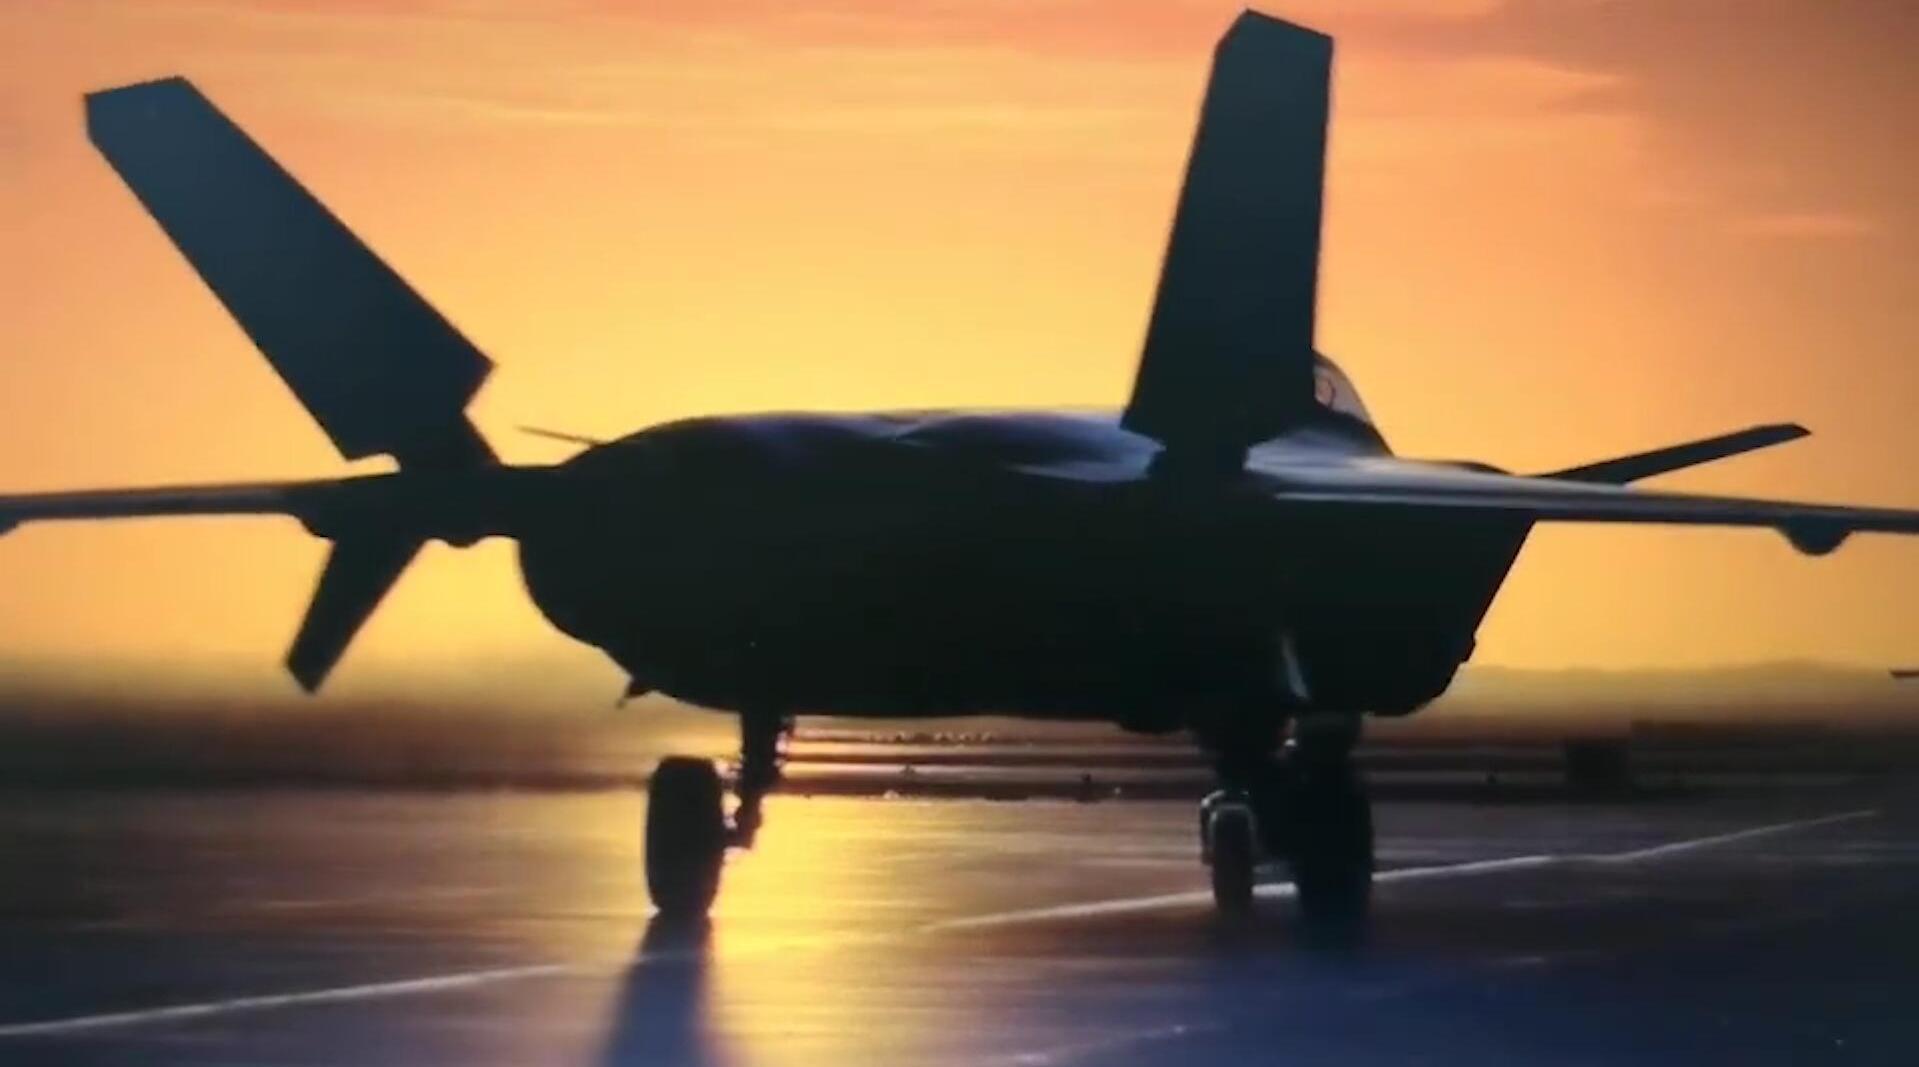 中国空军歼-20战斗机,在夕阳下的唯美剪影!